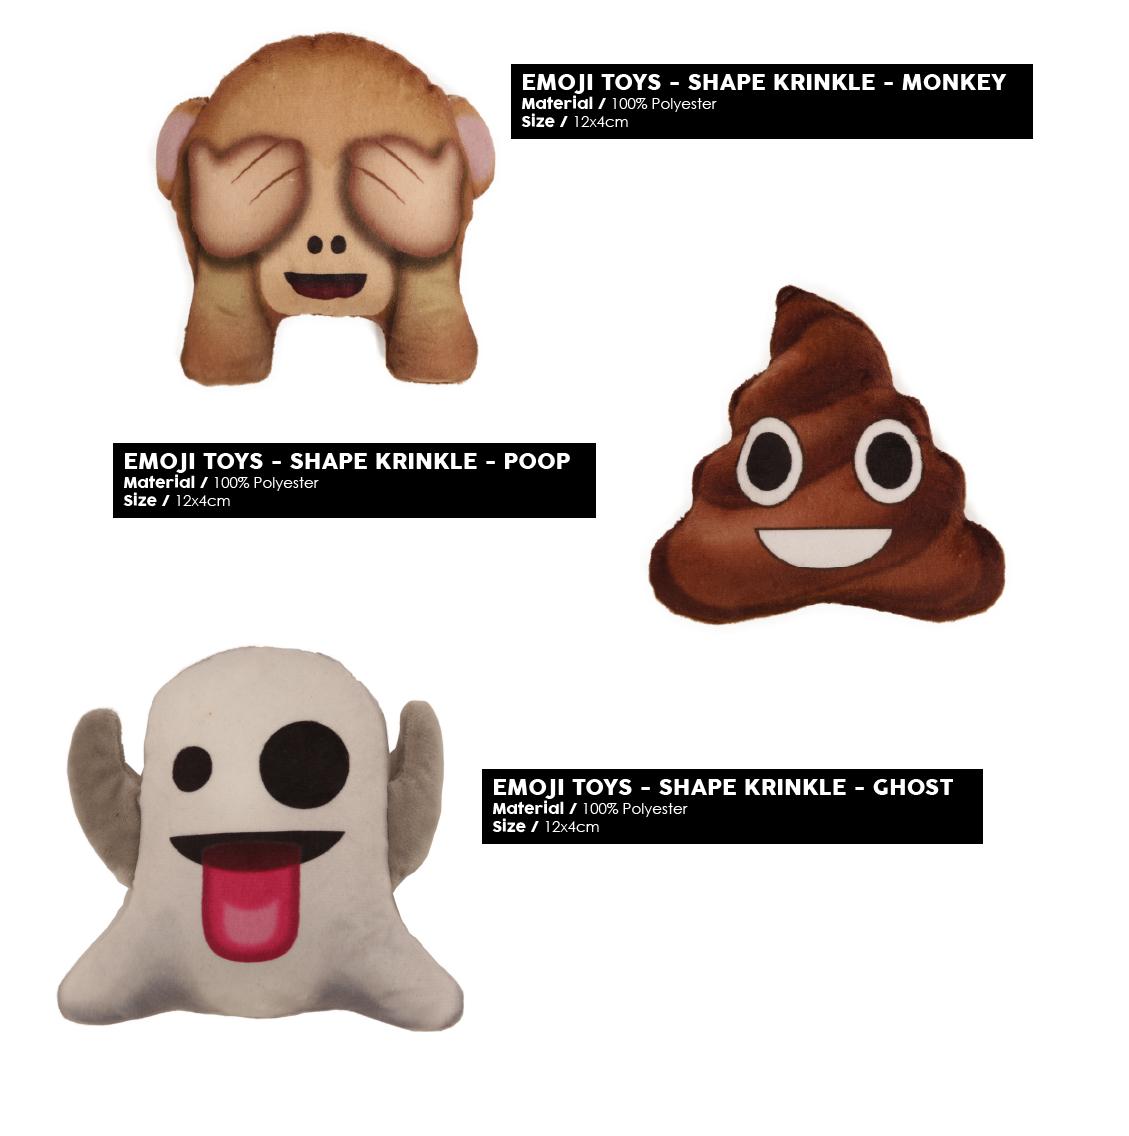 51DN - Play - Emoji Toys - 5